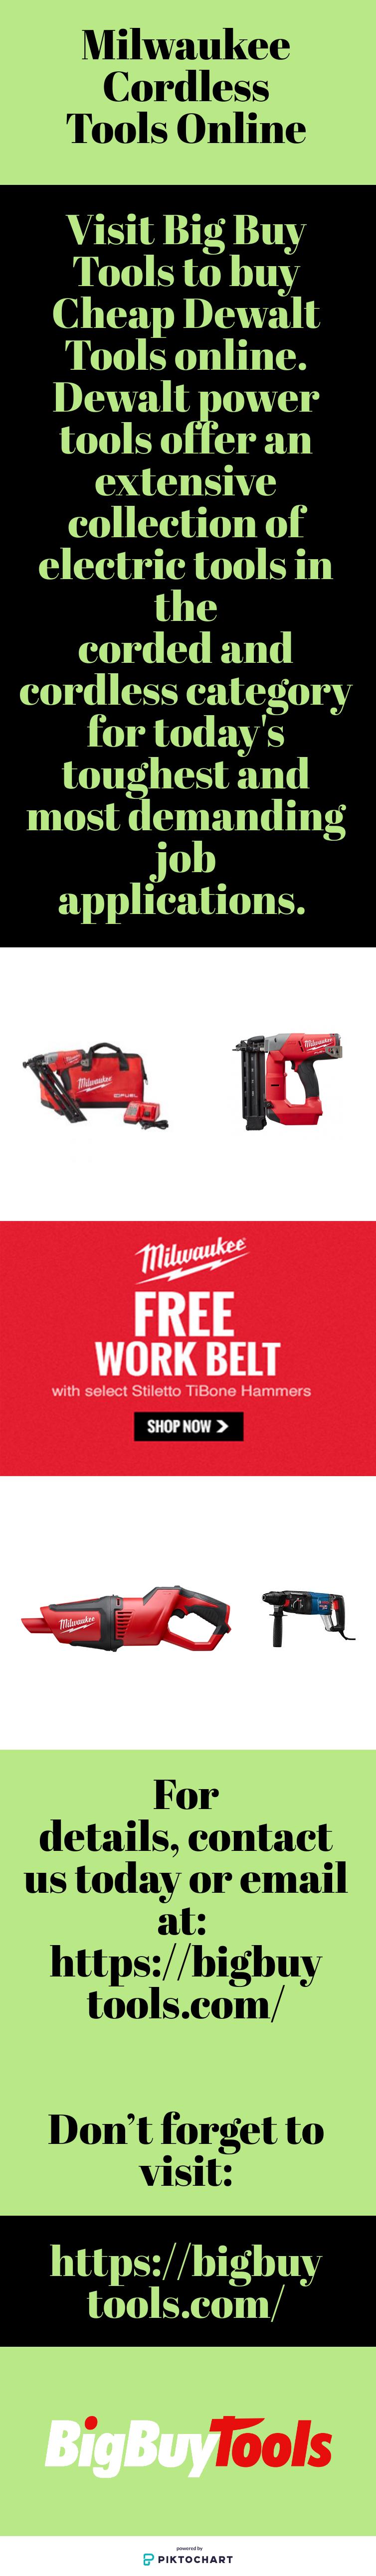 Visit Big Buy Tools to Cheap Dewalt Tools online Dewalt power